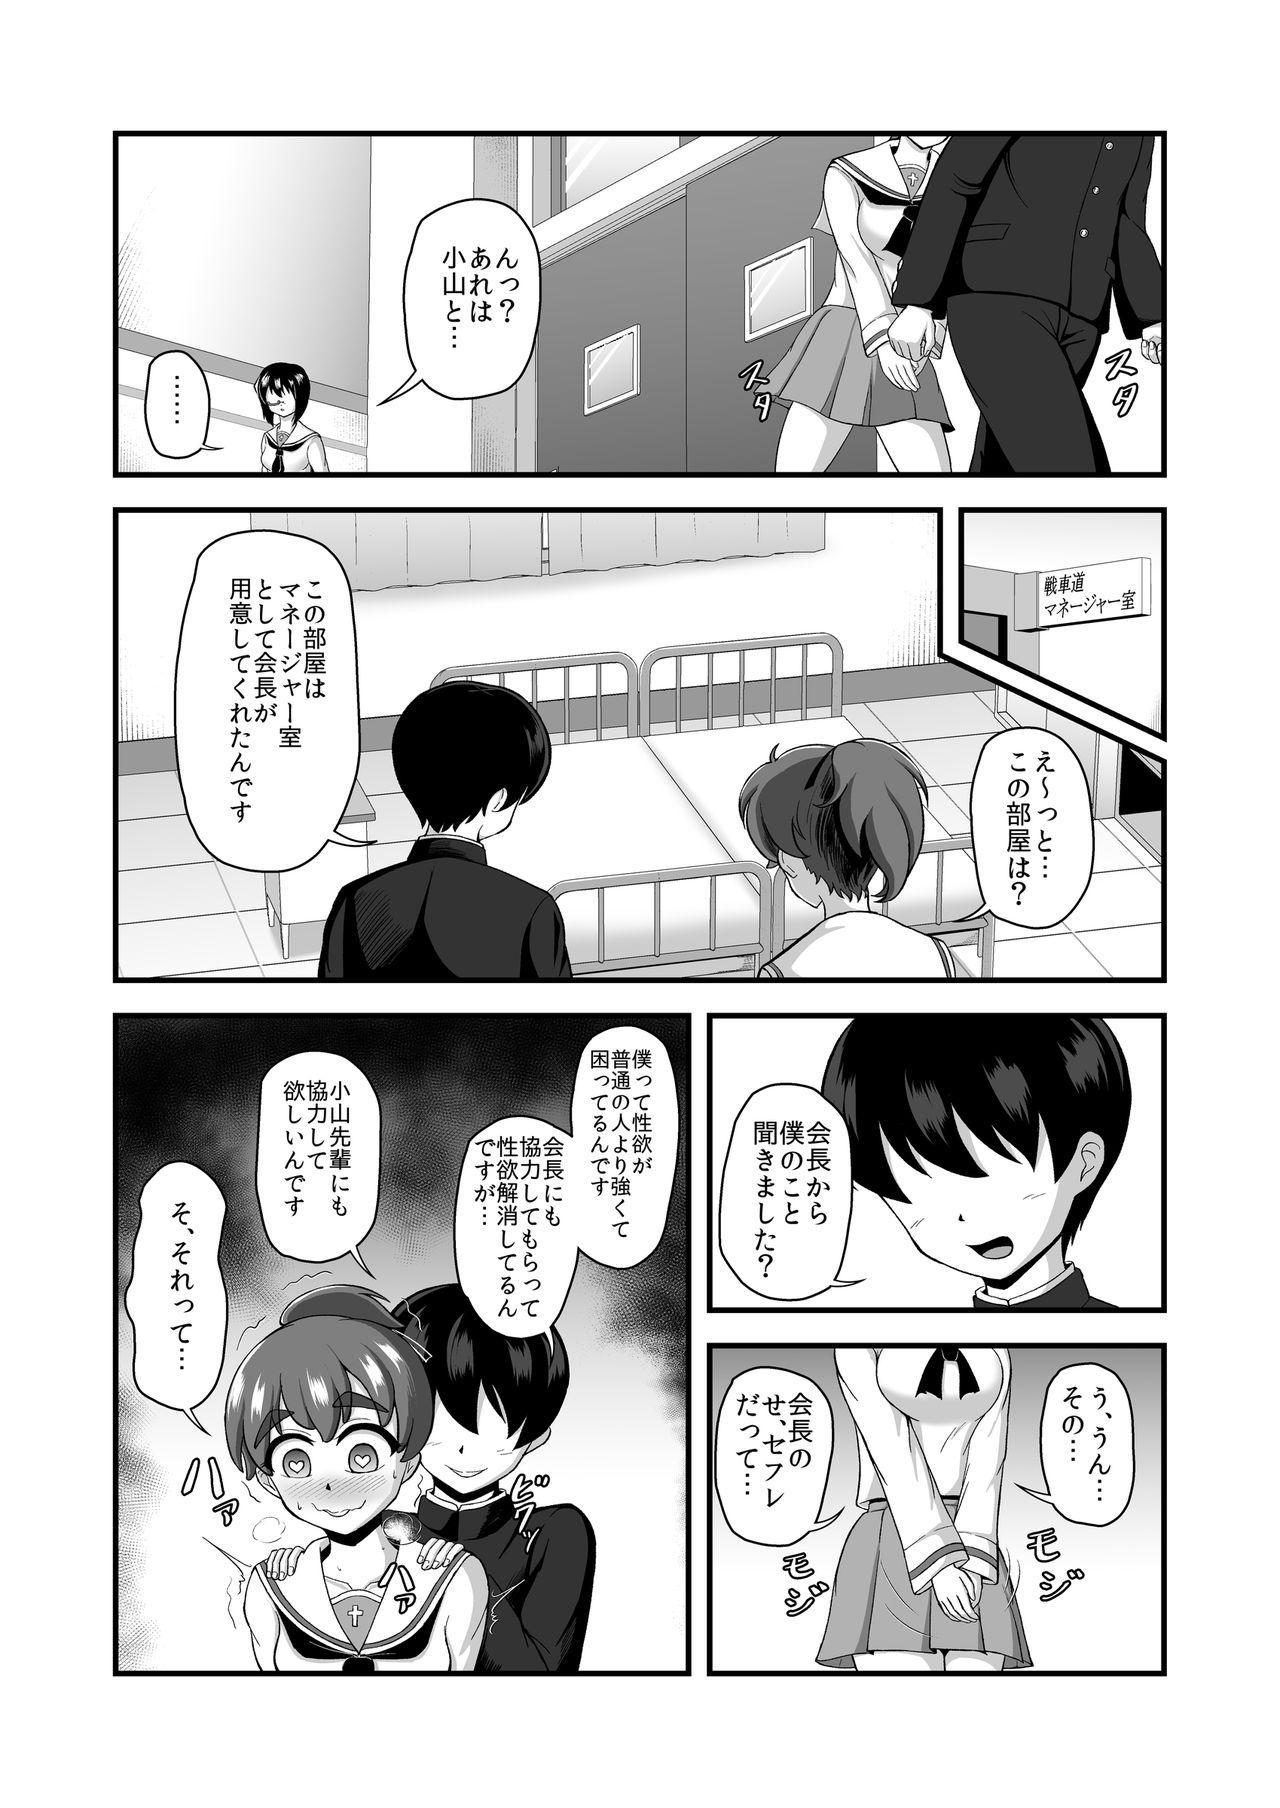 Teisou Gyakuten Abekobe Banashi 2 40